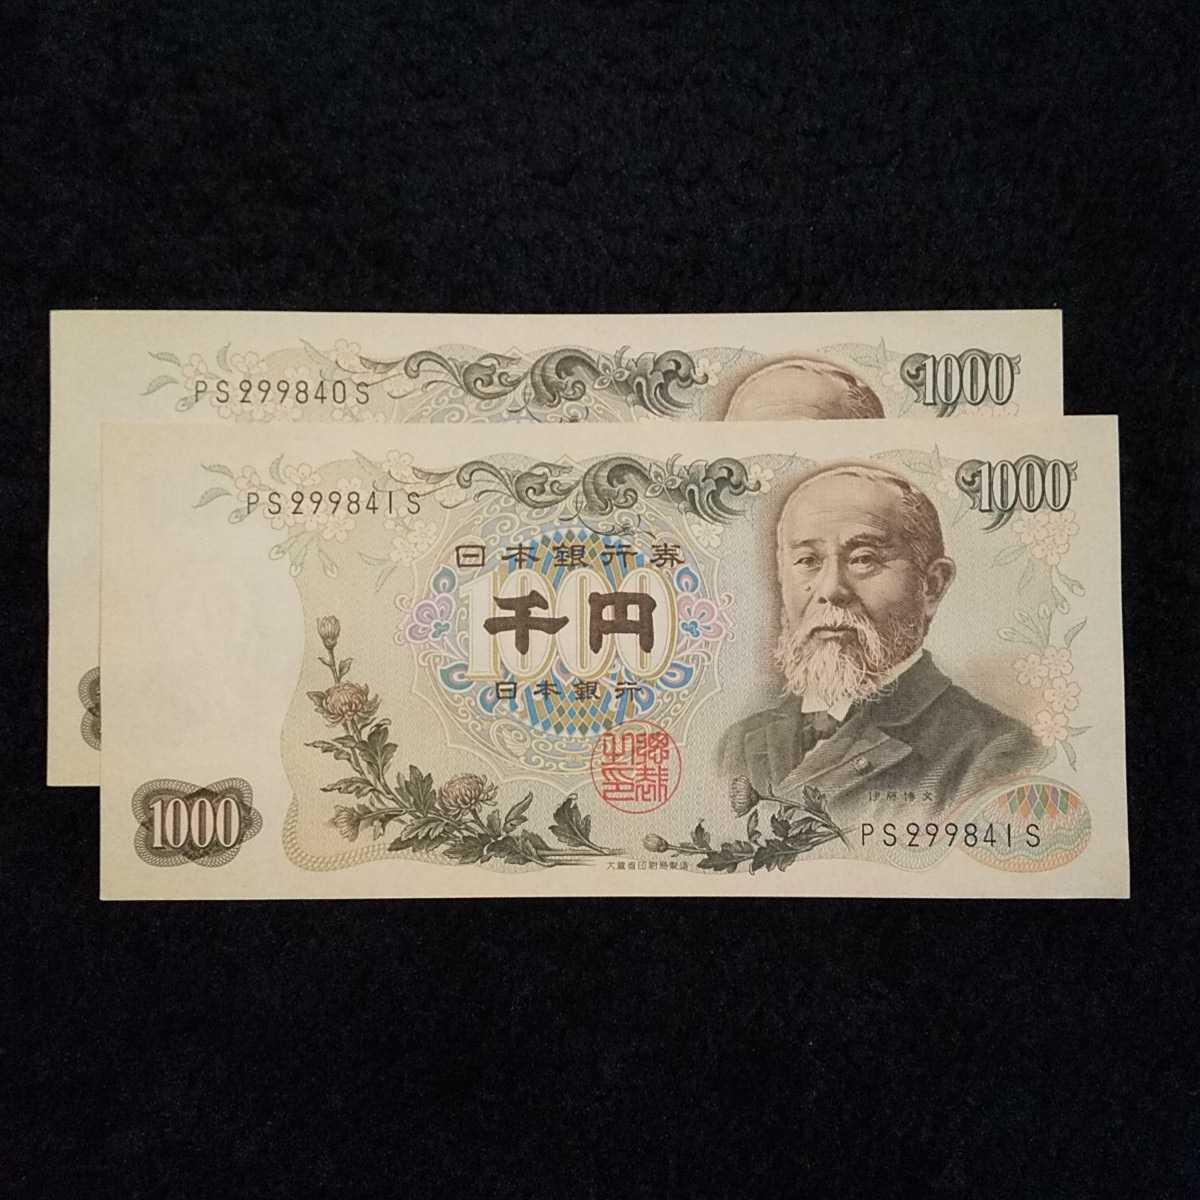 伊藤博文 1000円札 千円札 2枚連番 ピン札 旧紙幣 日本銀行券 PS299840S-299841S_画像1